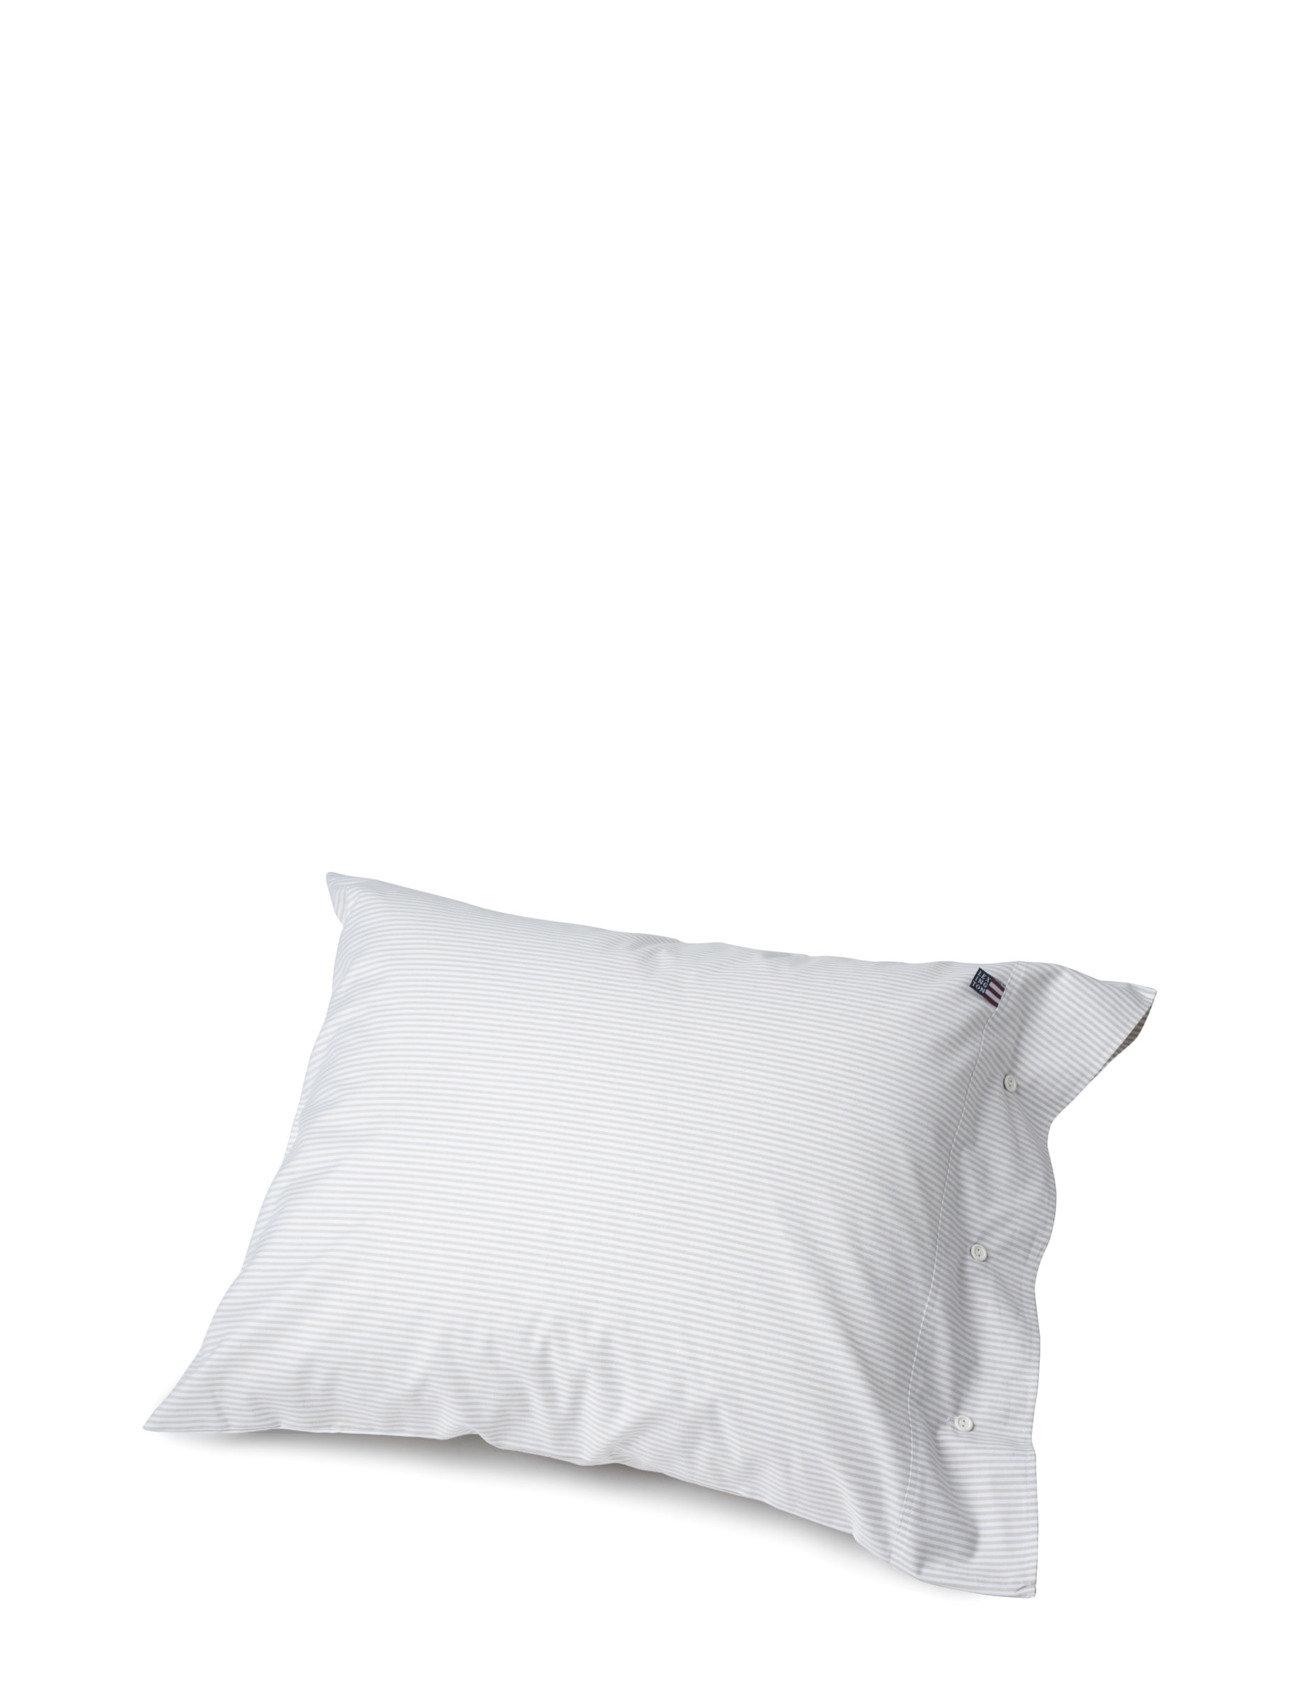 Lexington Home Pin Point Gray/White Pillowcase - GRAY/WHITE